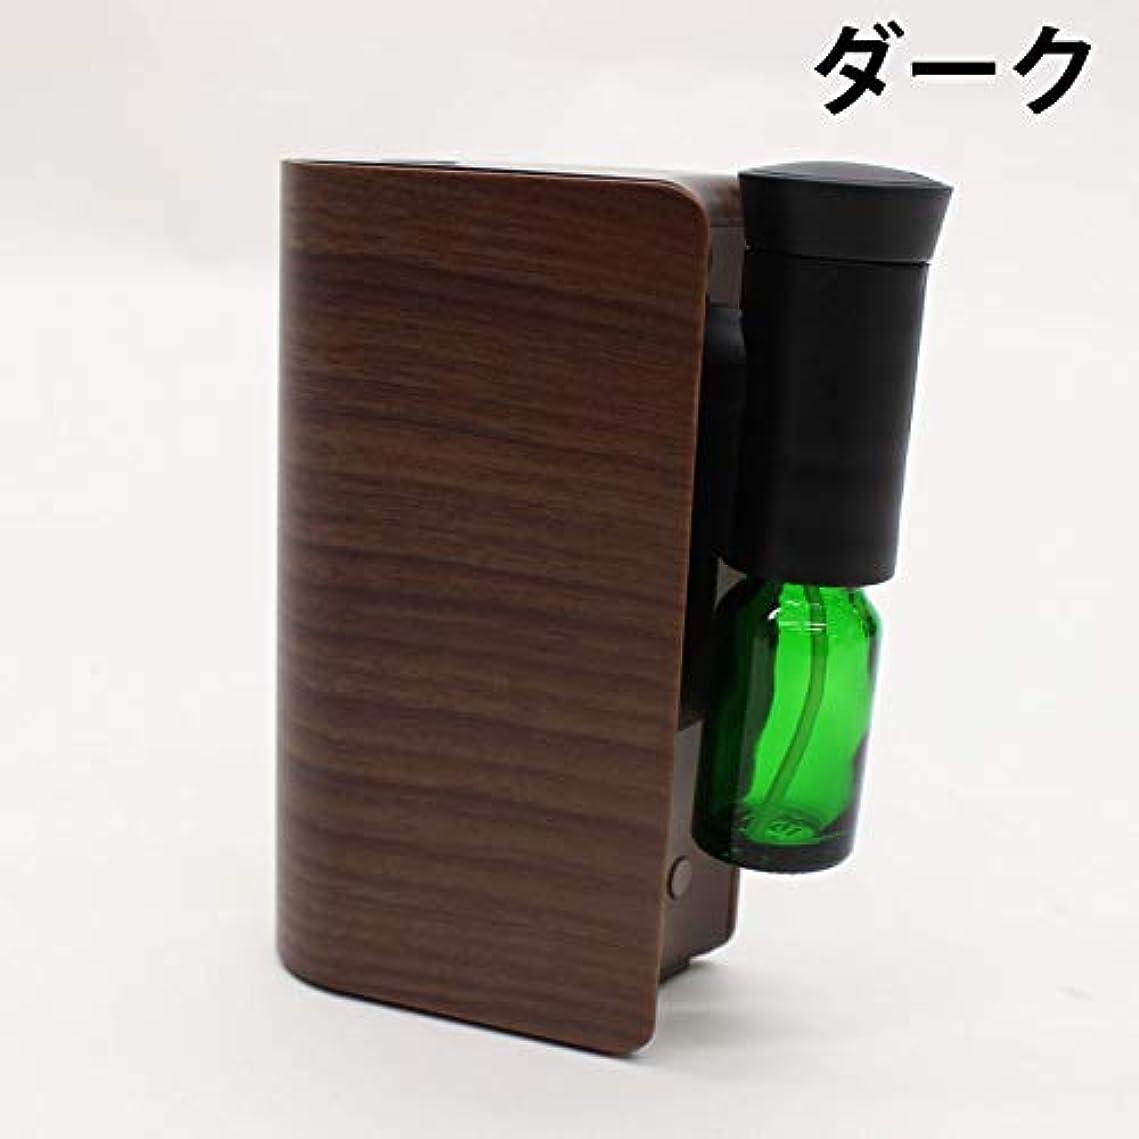 服を洗う香港ロースト電池式 コンパクトアロマディフューザー  (ダーク)